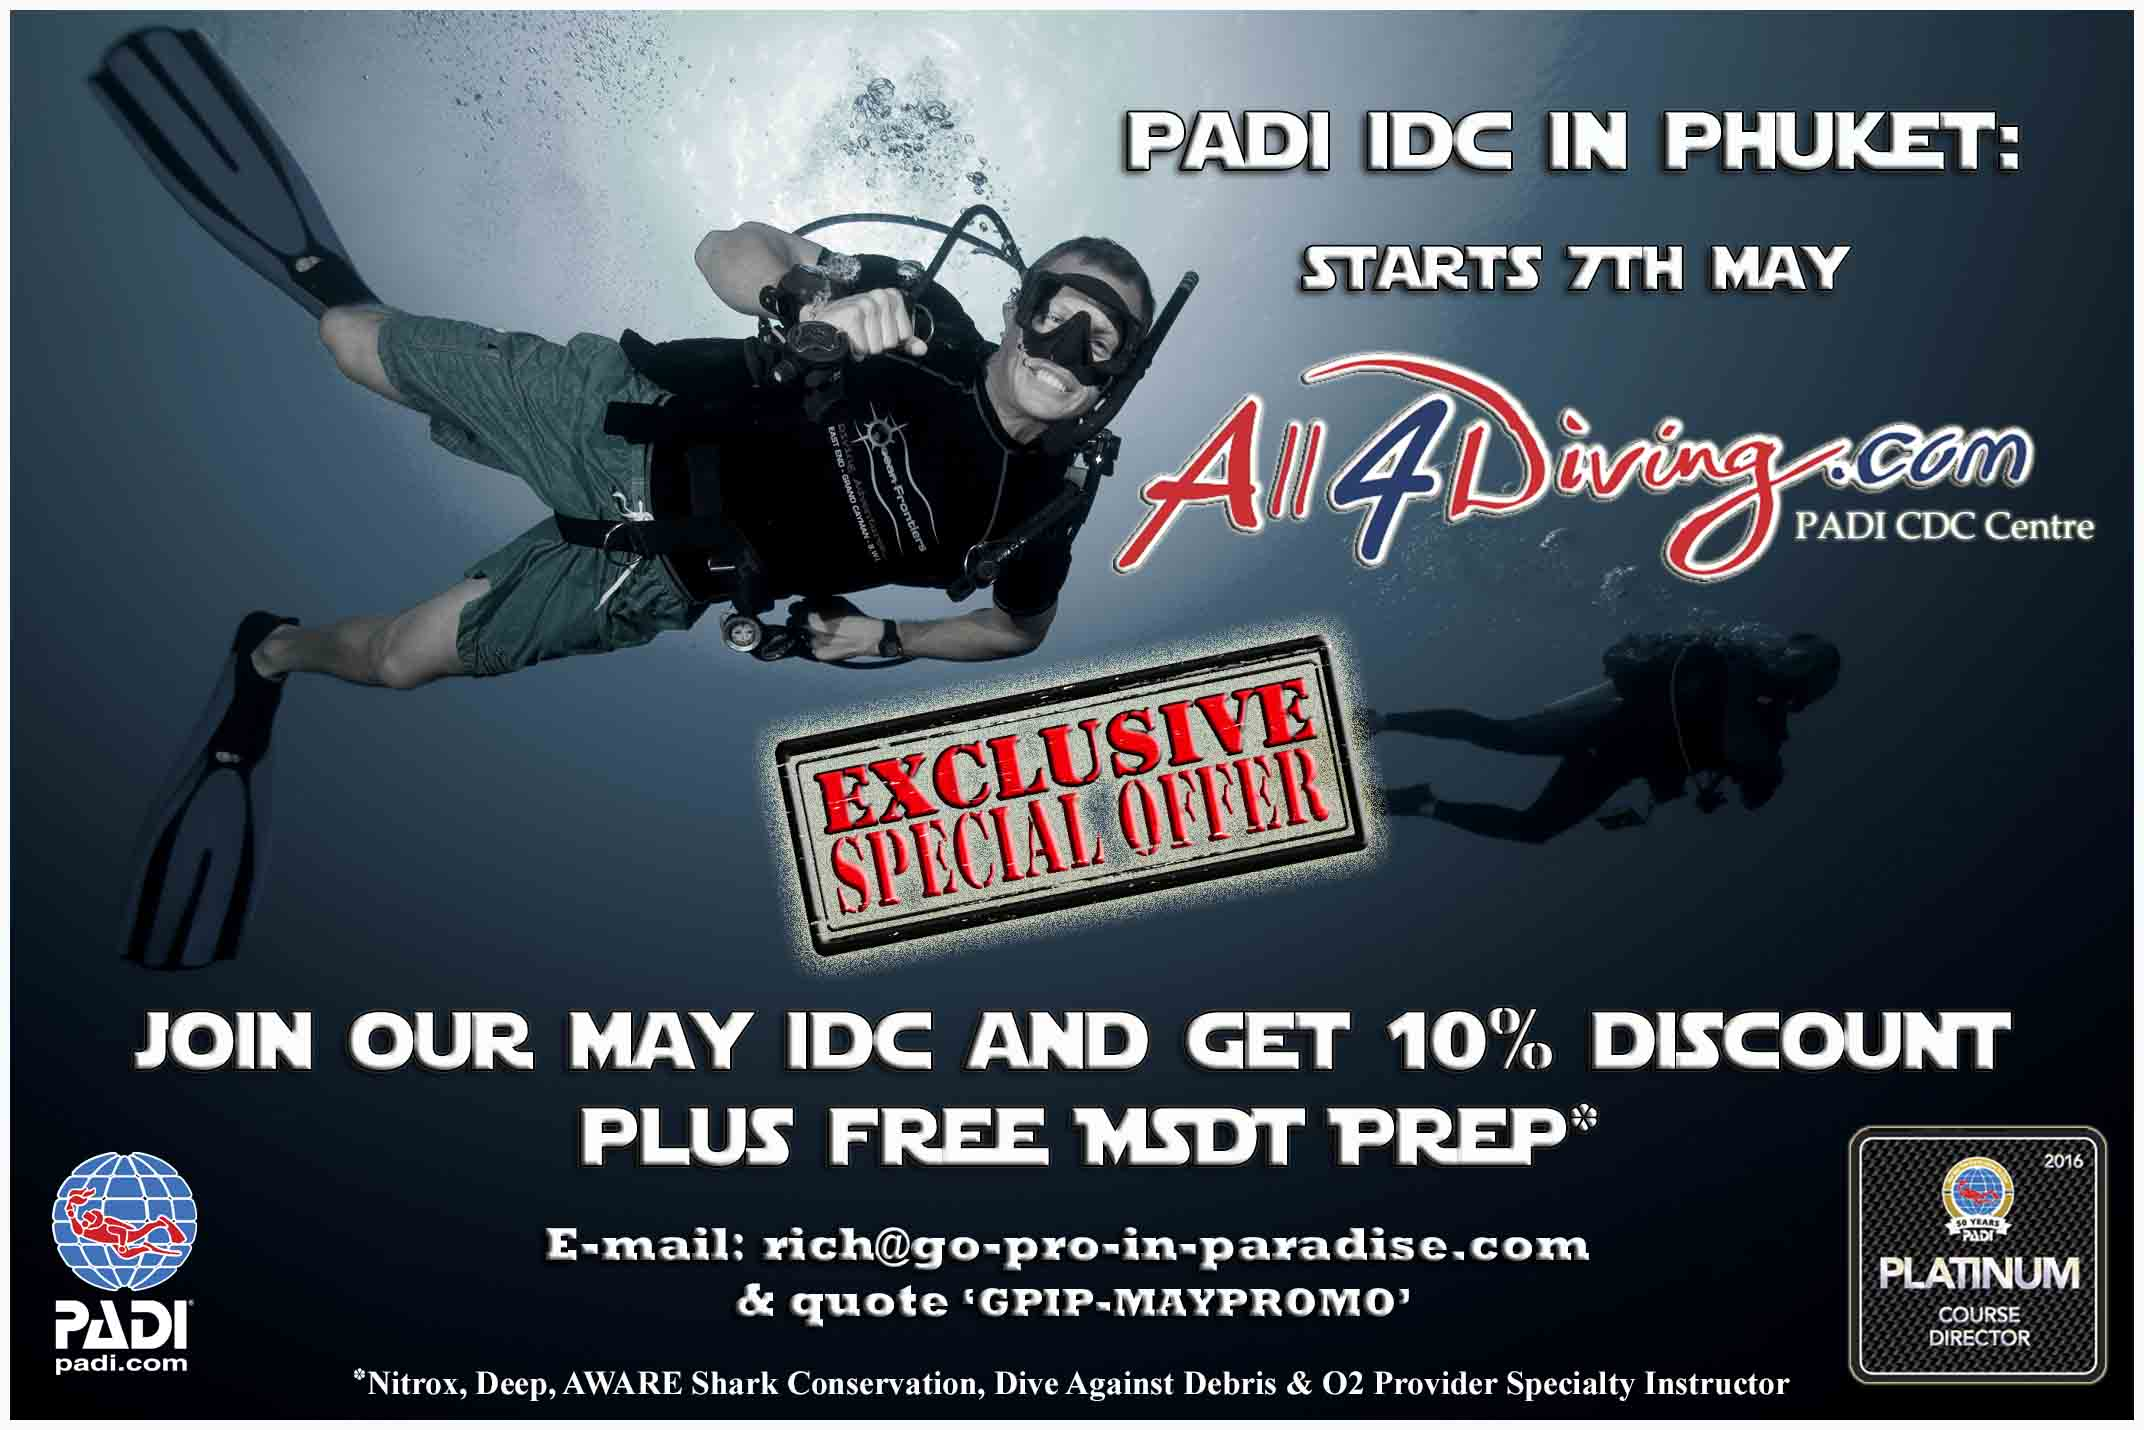 PADI IDC, free, discount, Puket, Tailand, Platinum